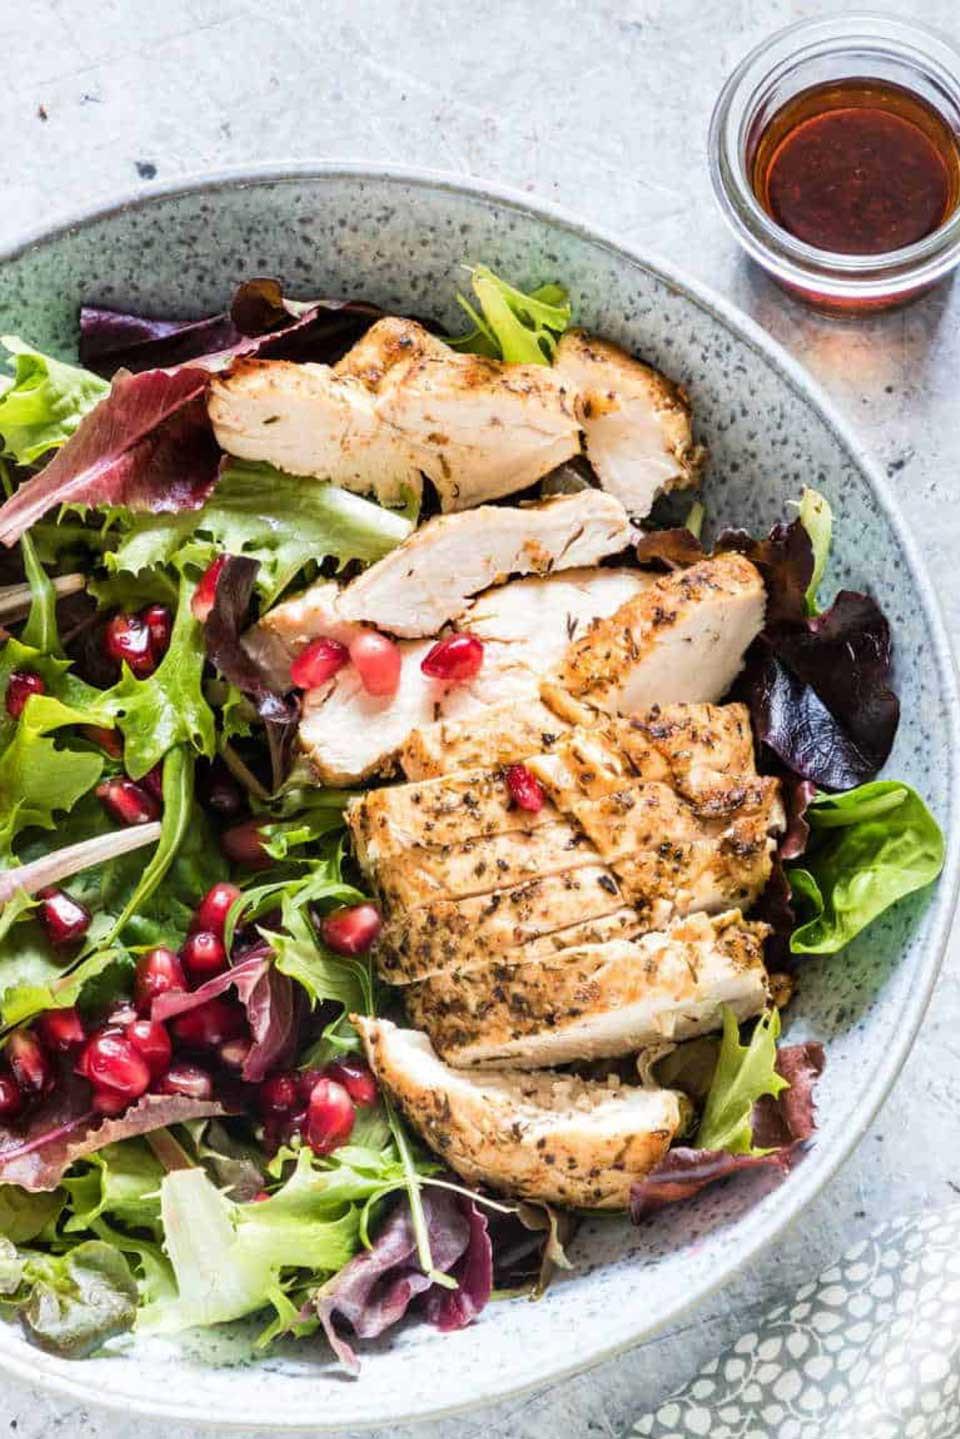 Healthy Chicken Instant Pot Recipes  Healthy Instant Pot Chicken Recipes Two Healthy Kitchens